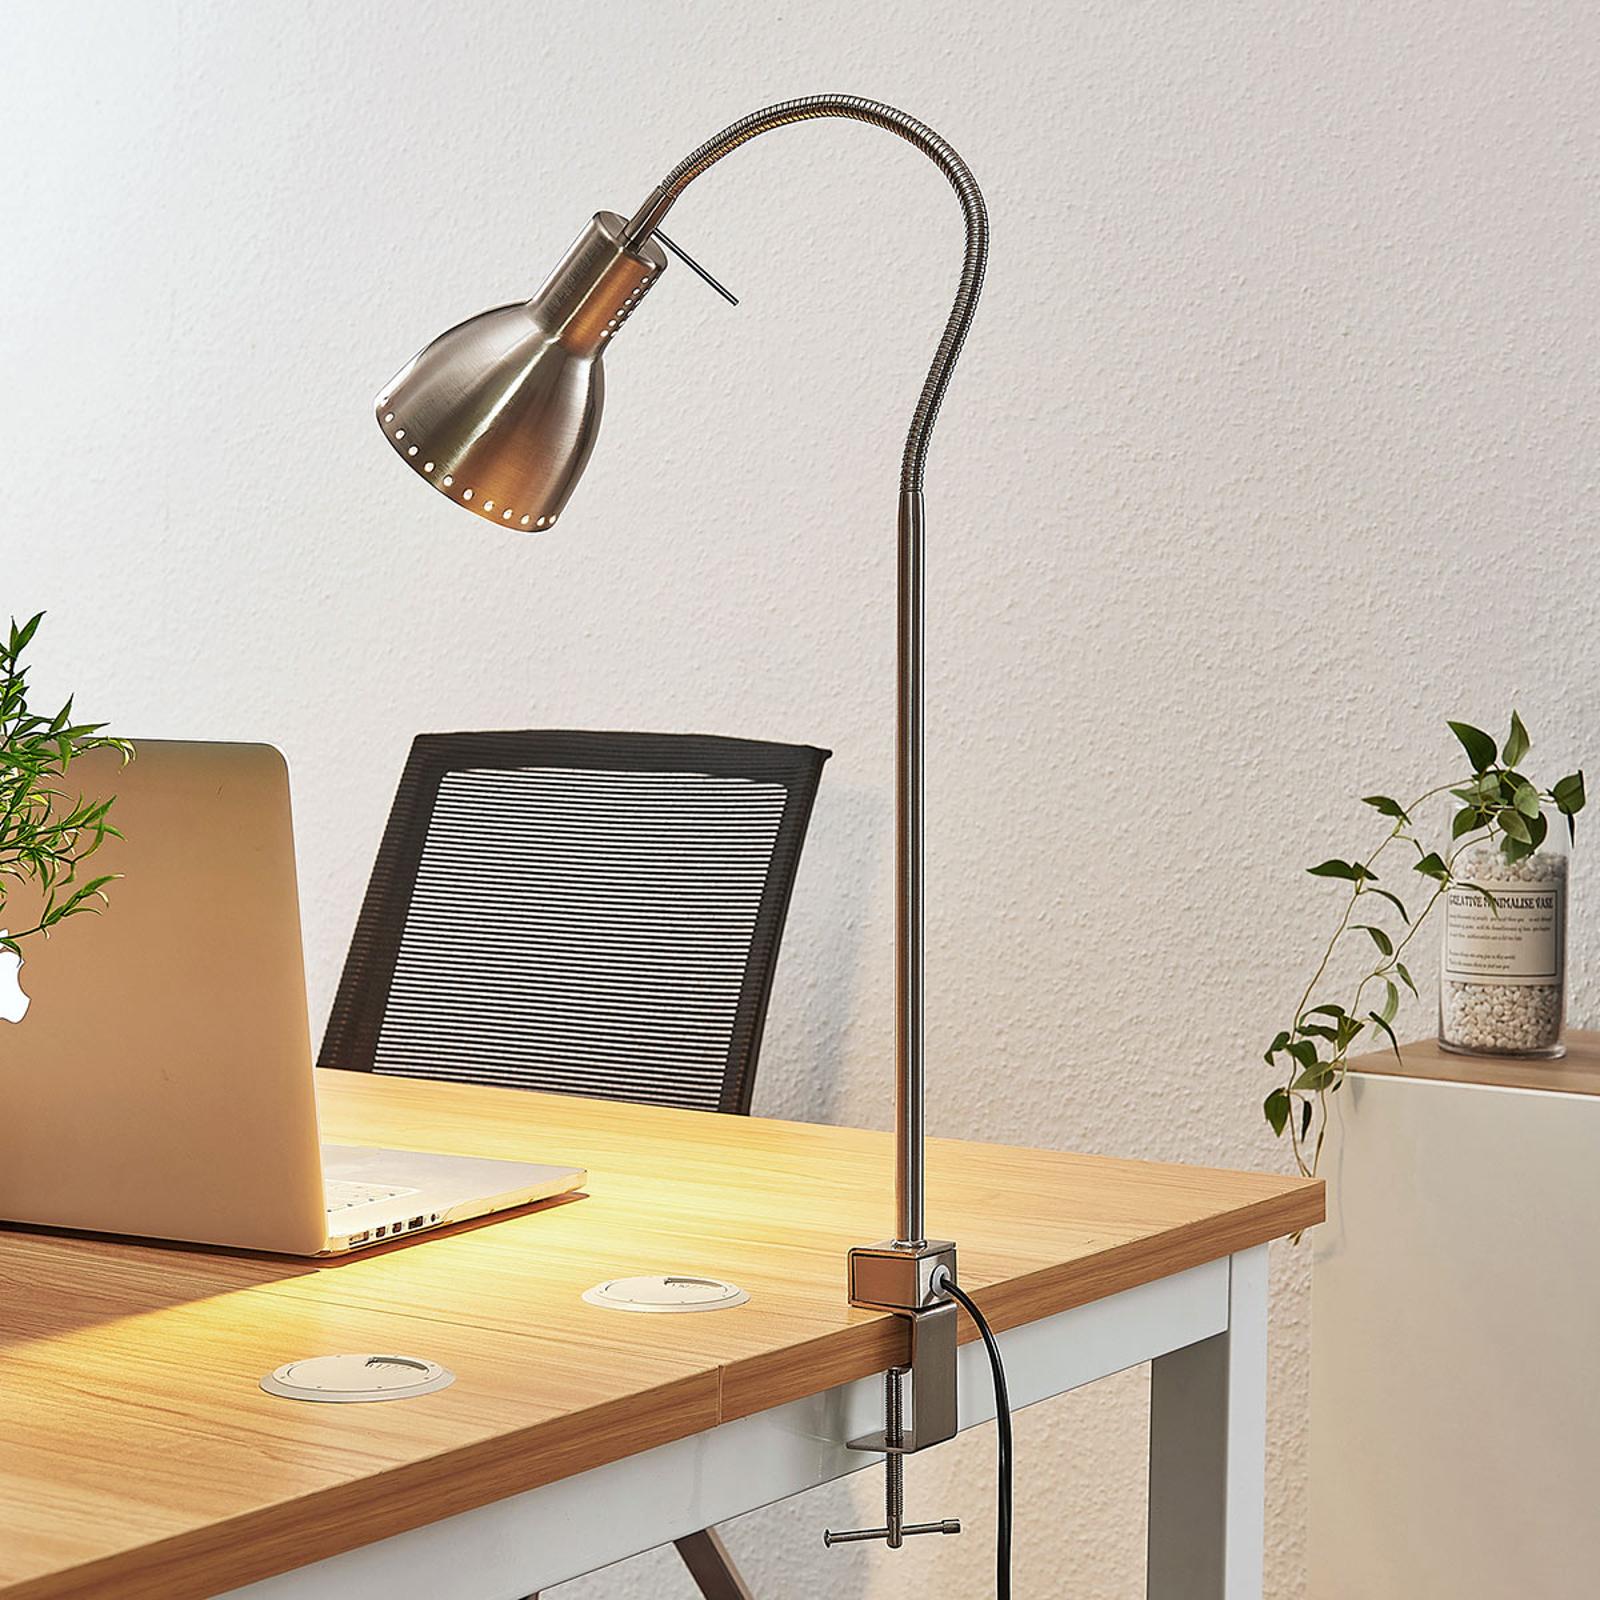 Klemlamp Triska met flexarm, gesatineerd nikkel